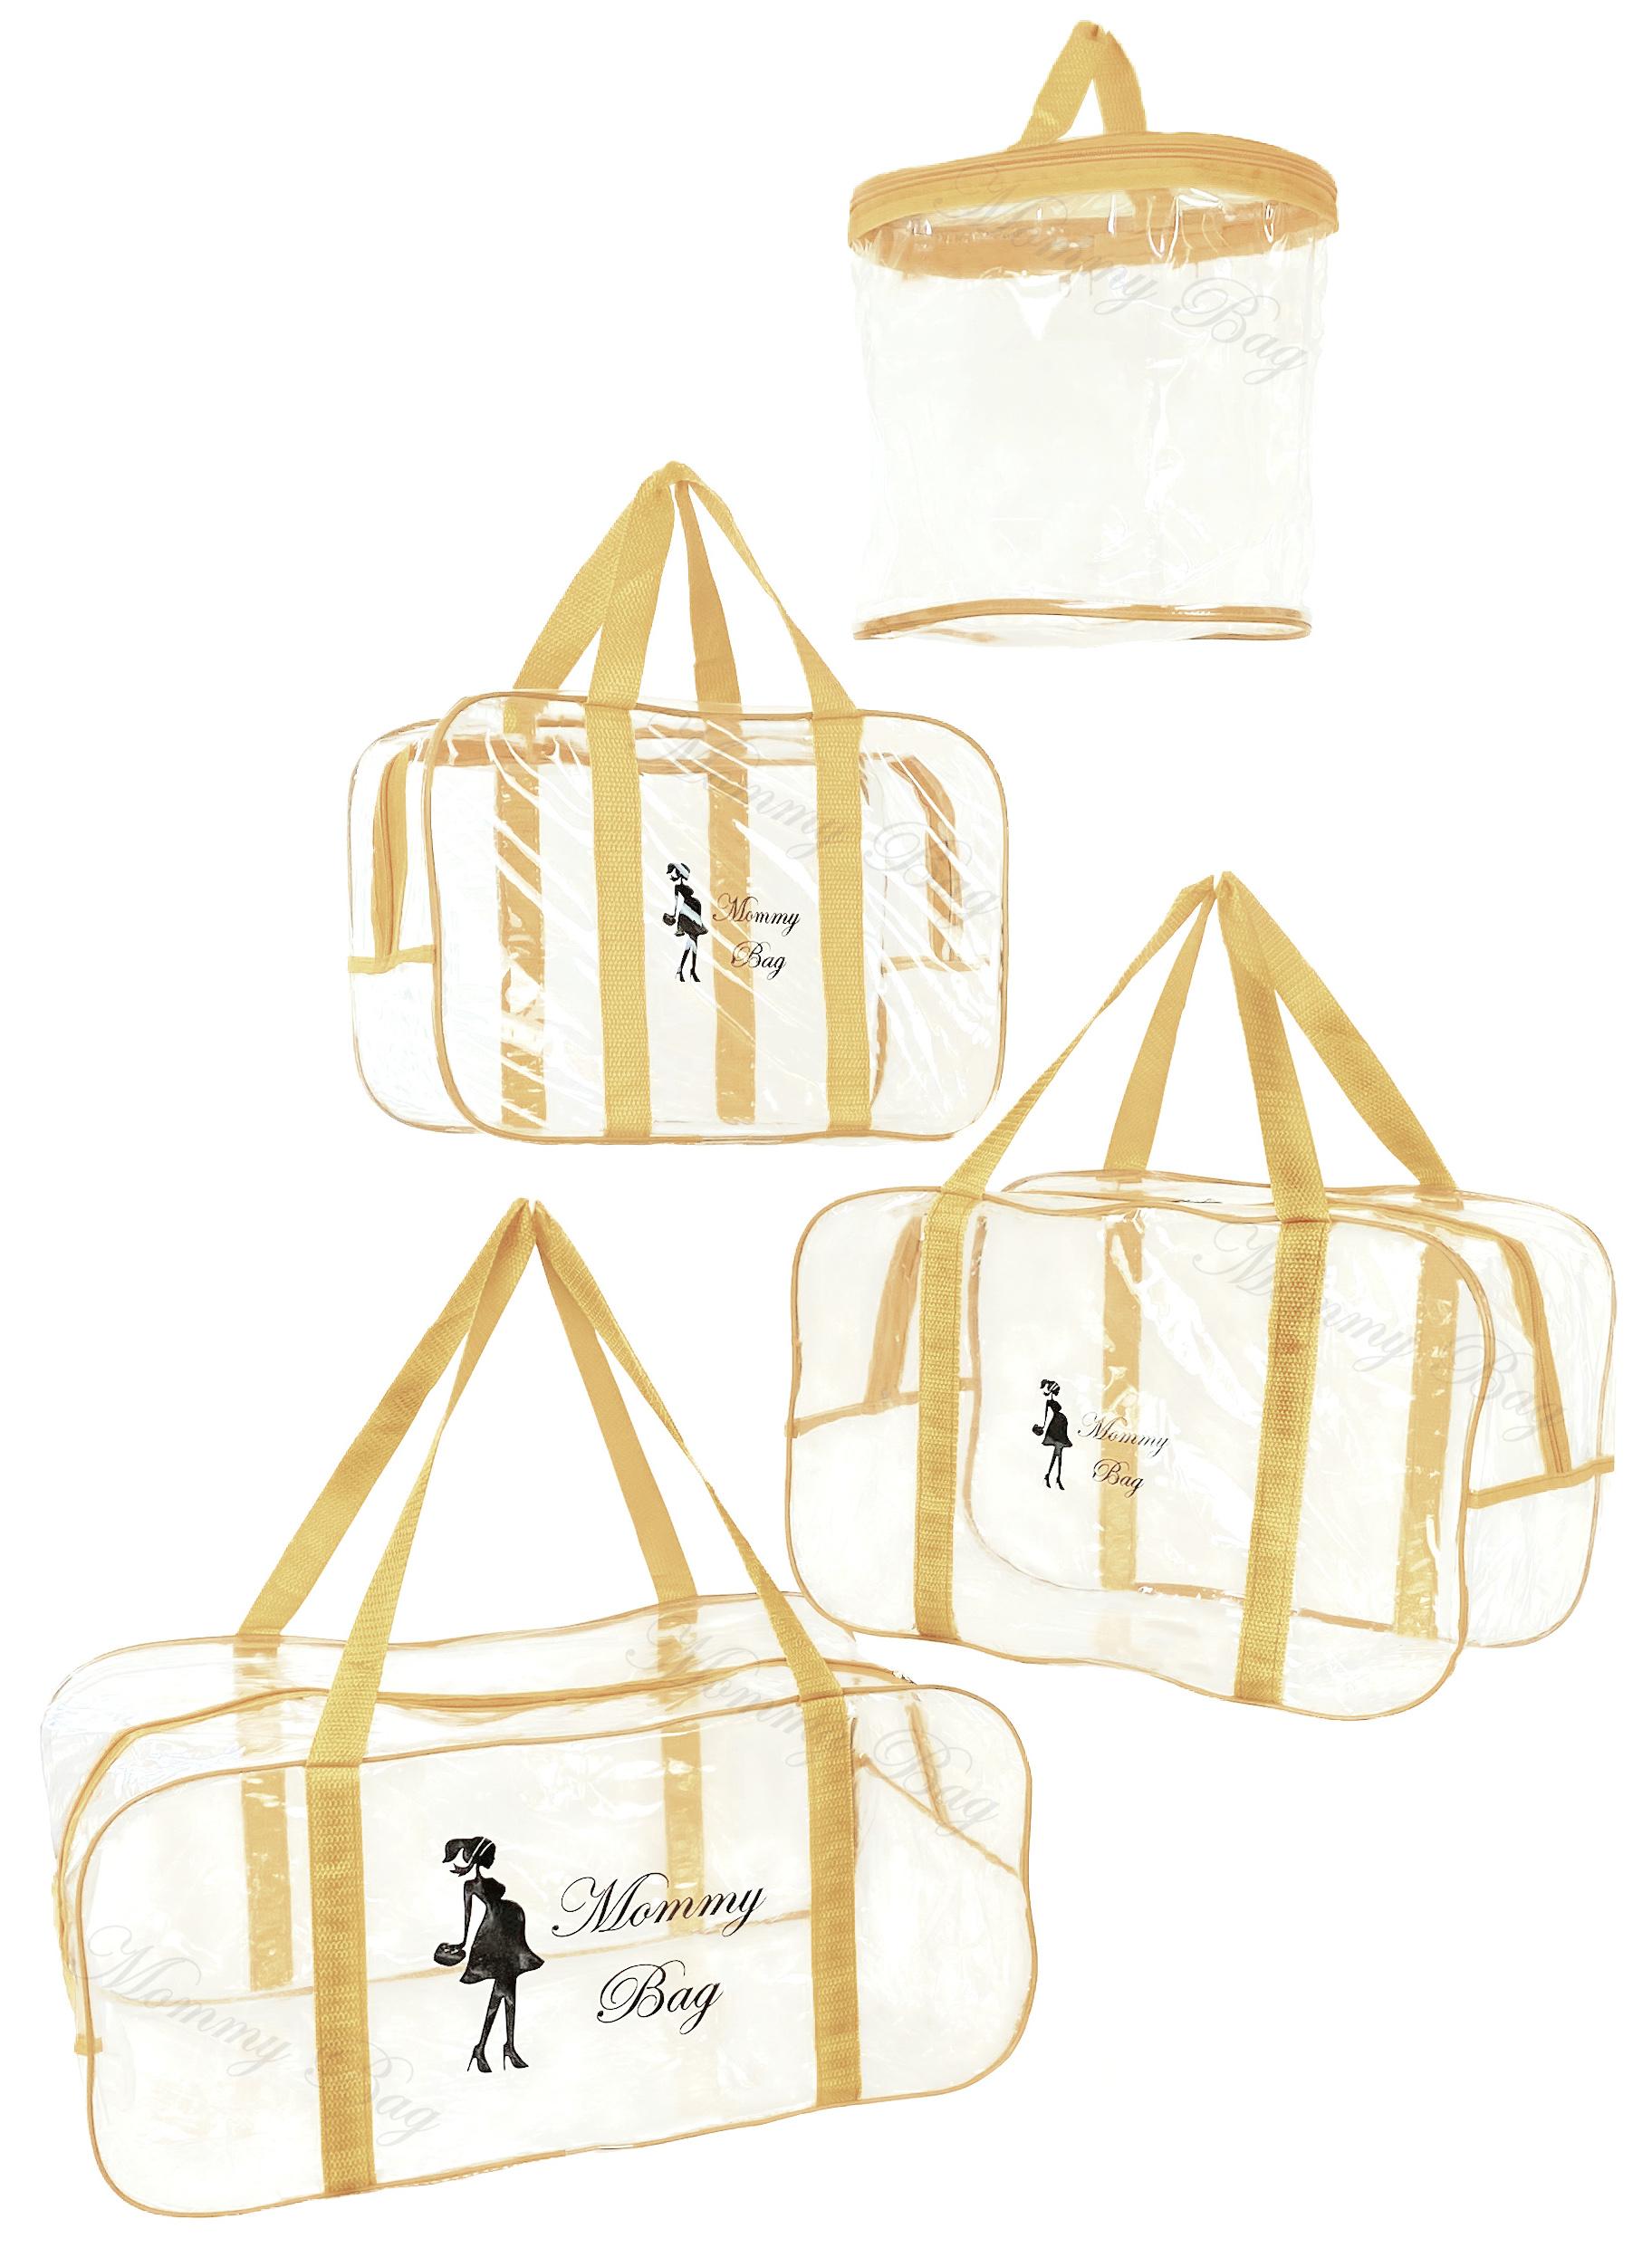 Набір з прозорих сумок в пологовий будинок Mommy Bag, колір сумки - Бежевий. Зображення 14